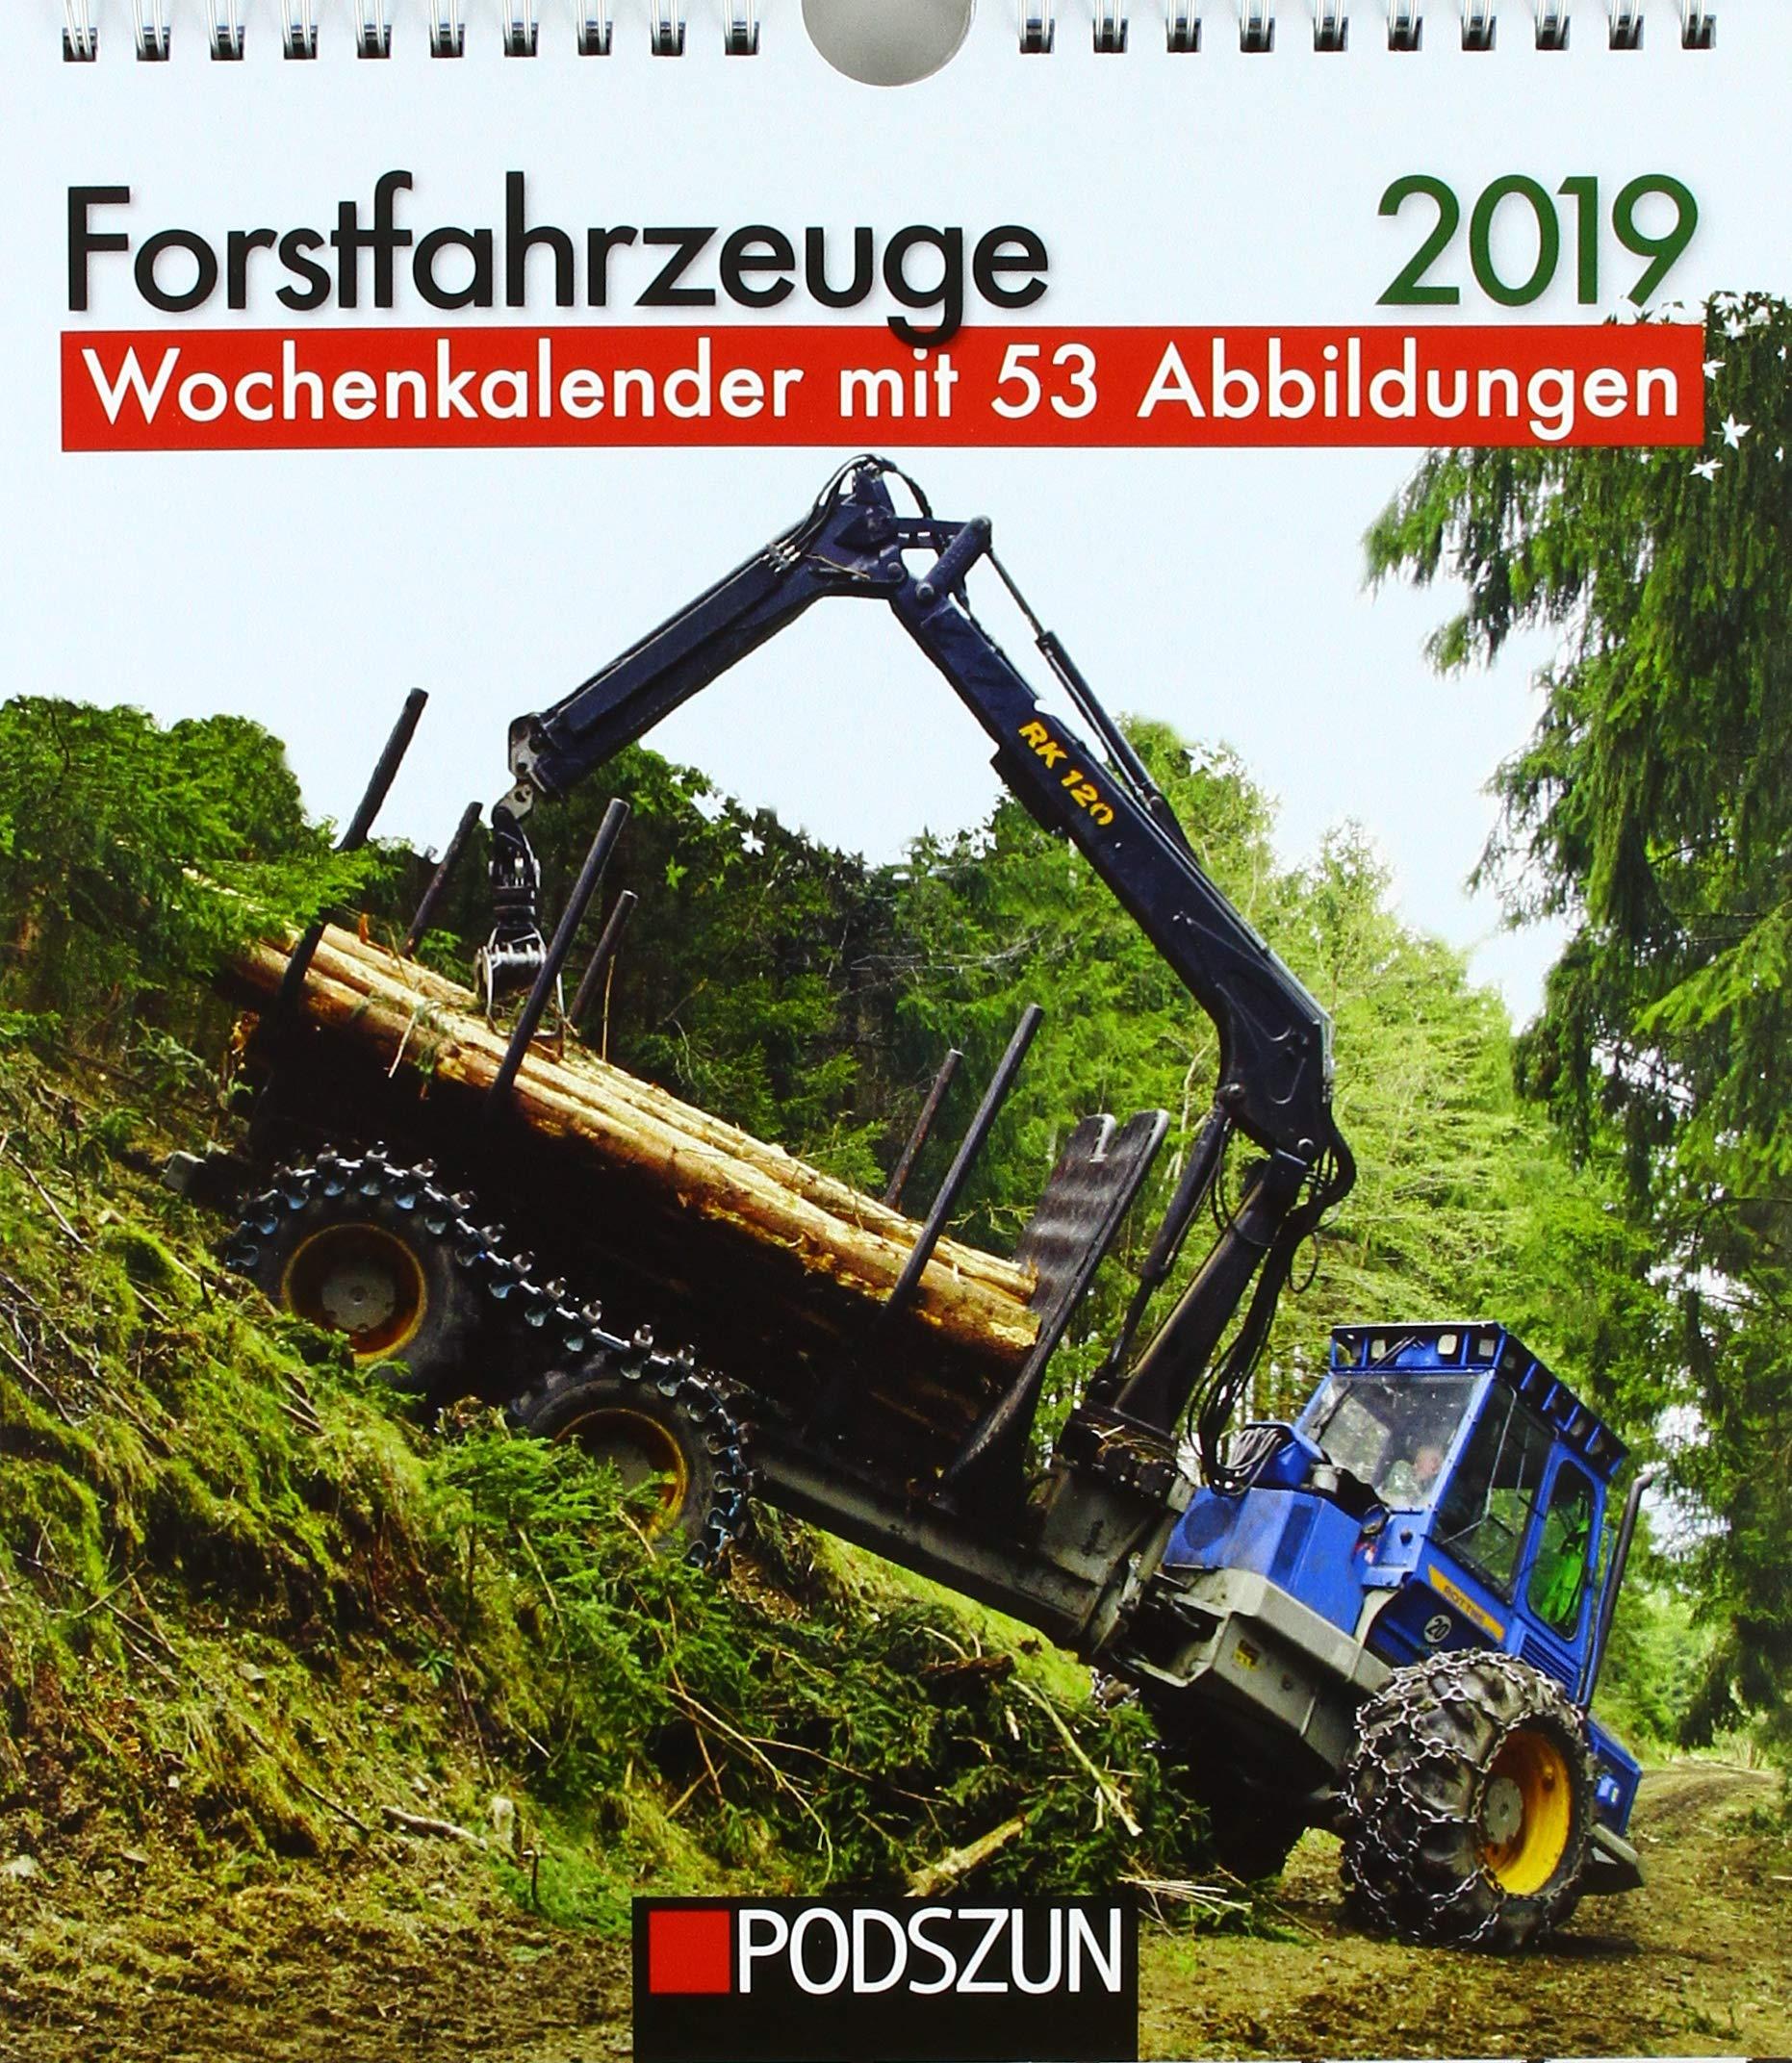 Forstfahrzeuge 2019  Wochenkalender Mit 53 Fotografien